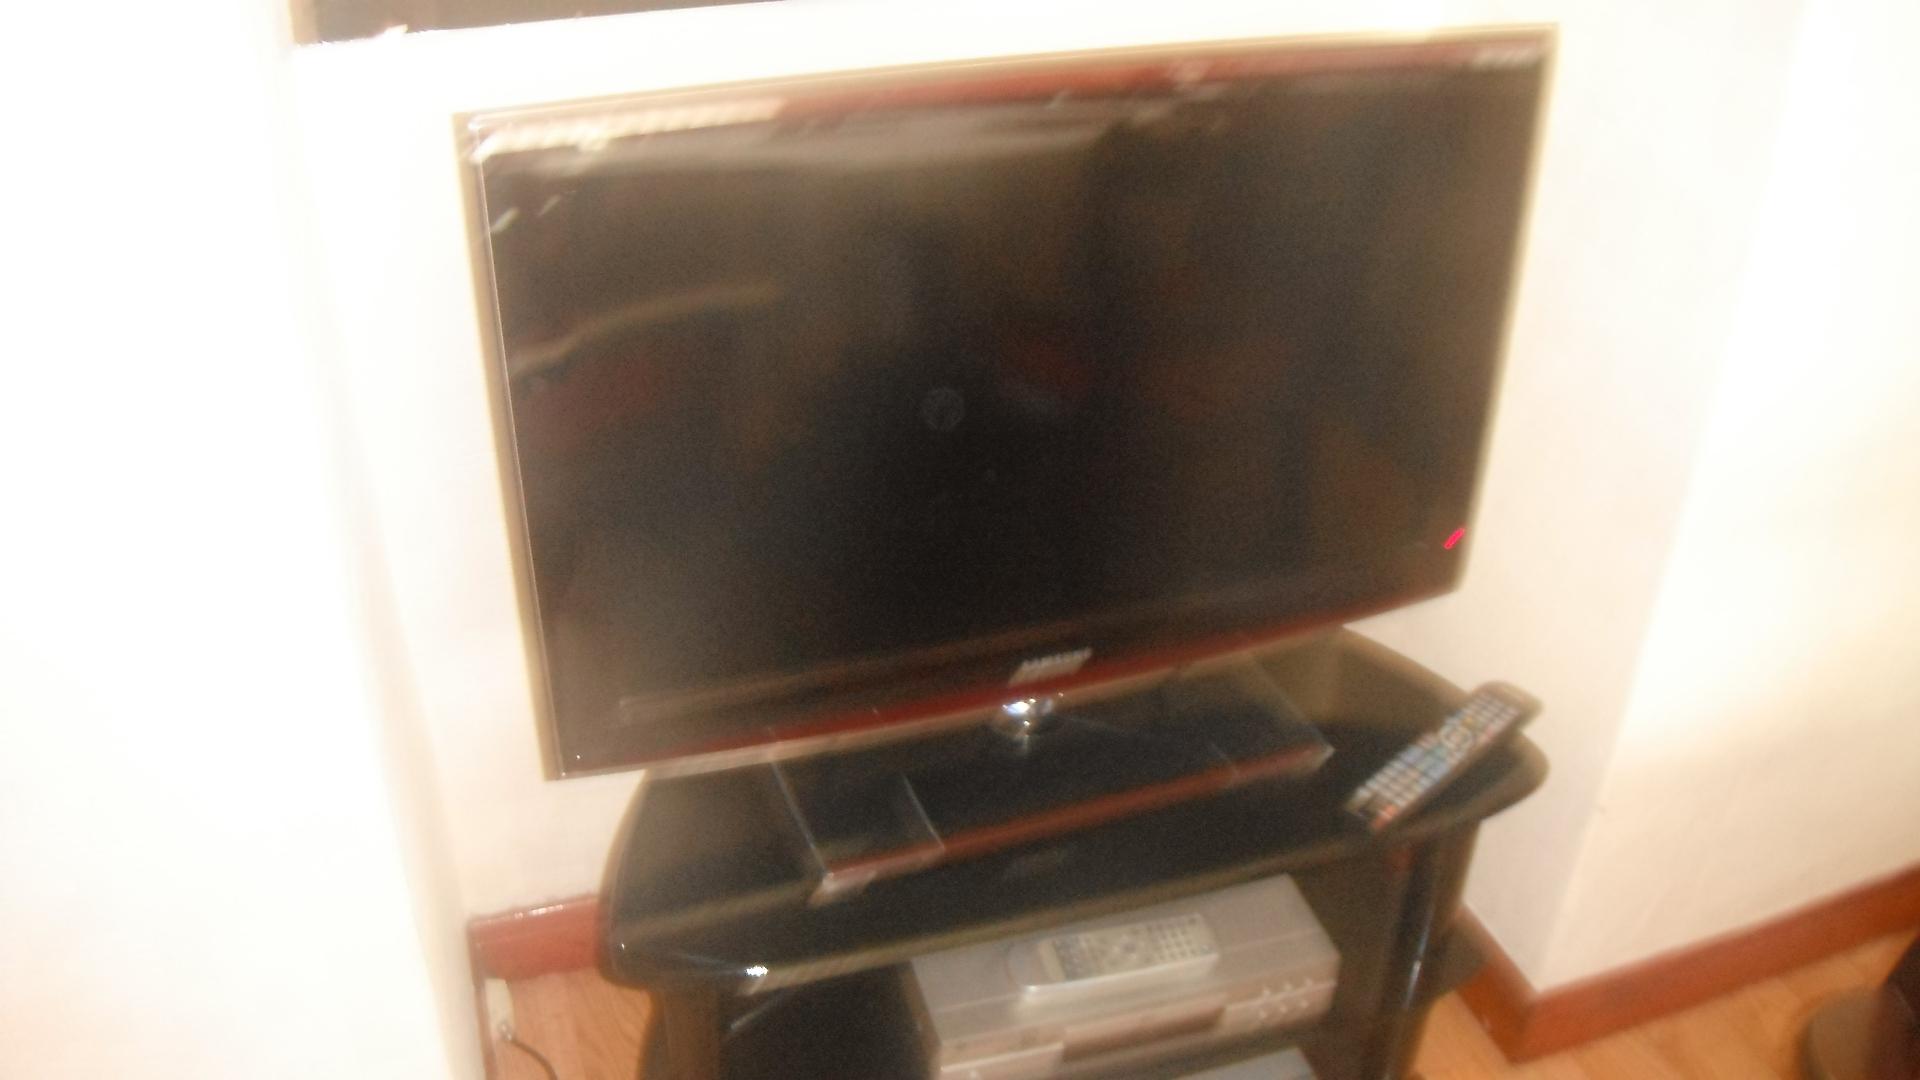 Photo taken by me – a TV set